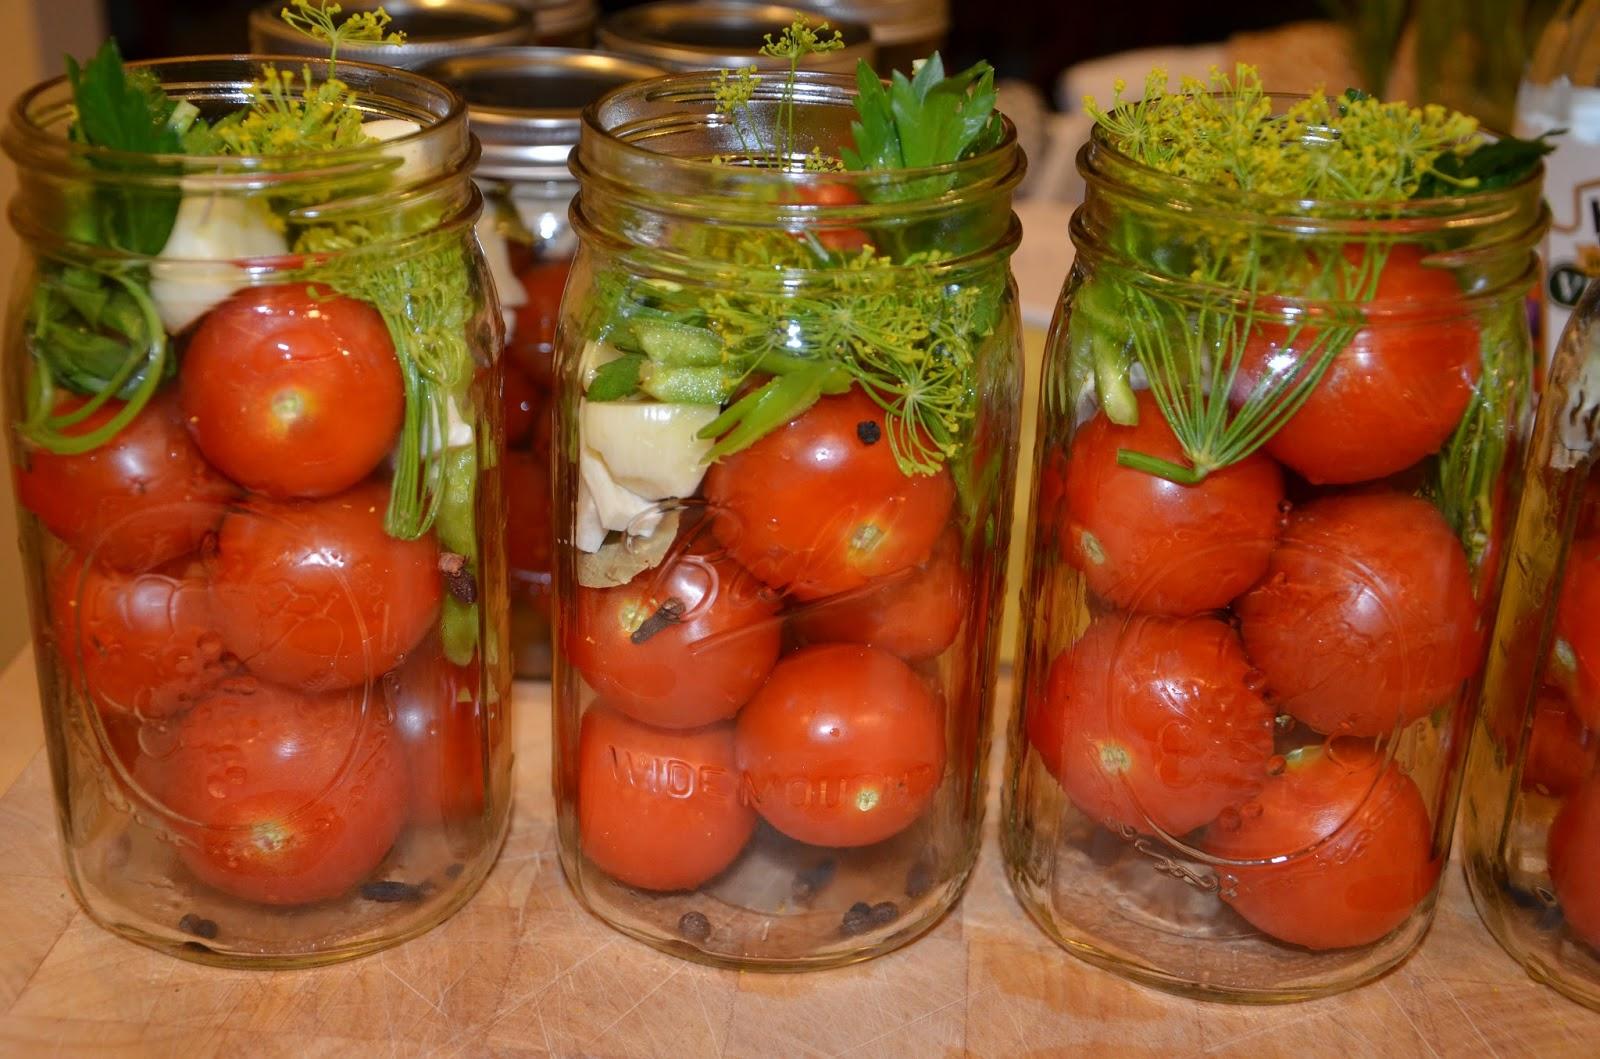 Пошаговое фото засолка зеленых помидор